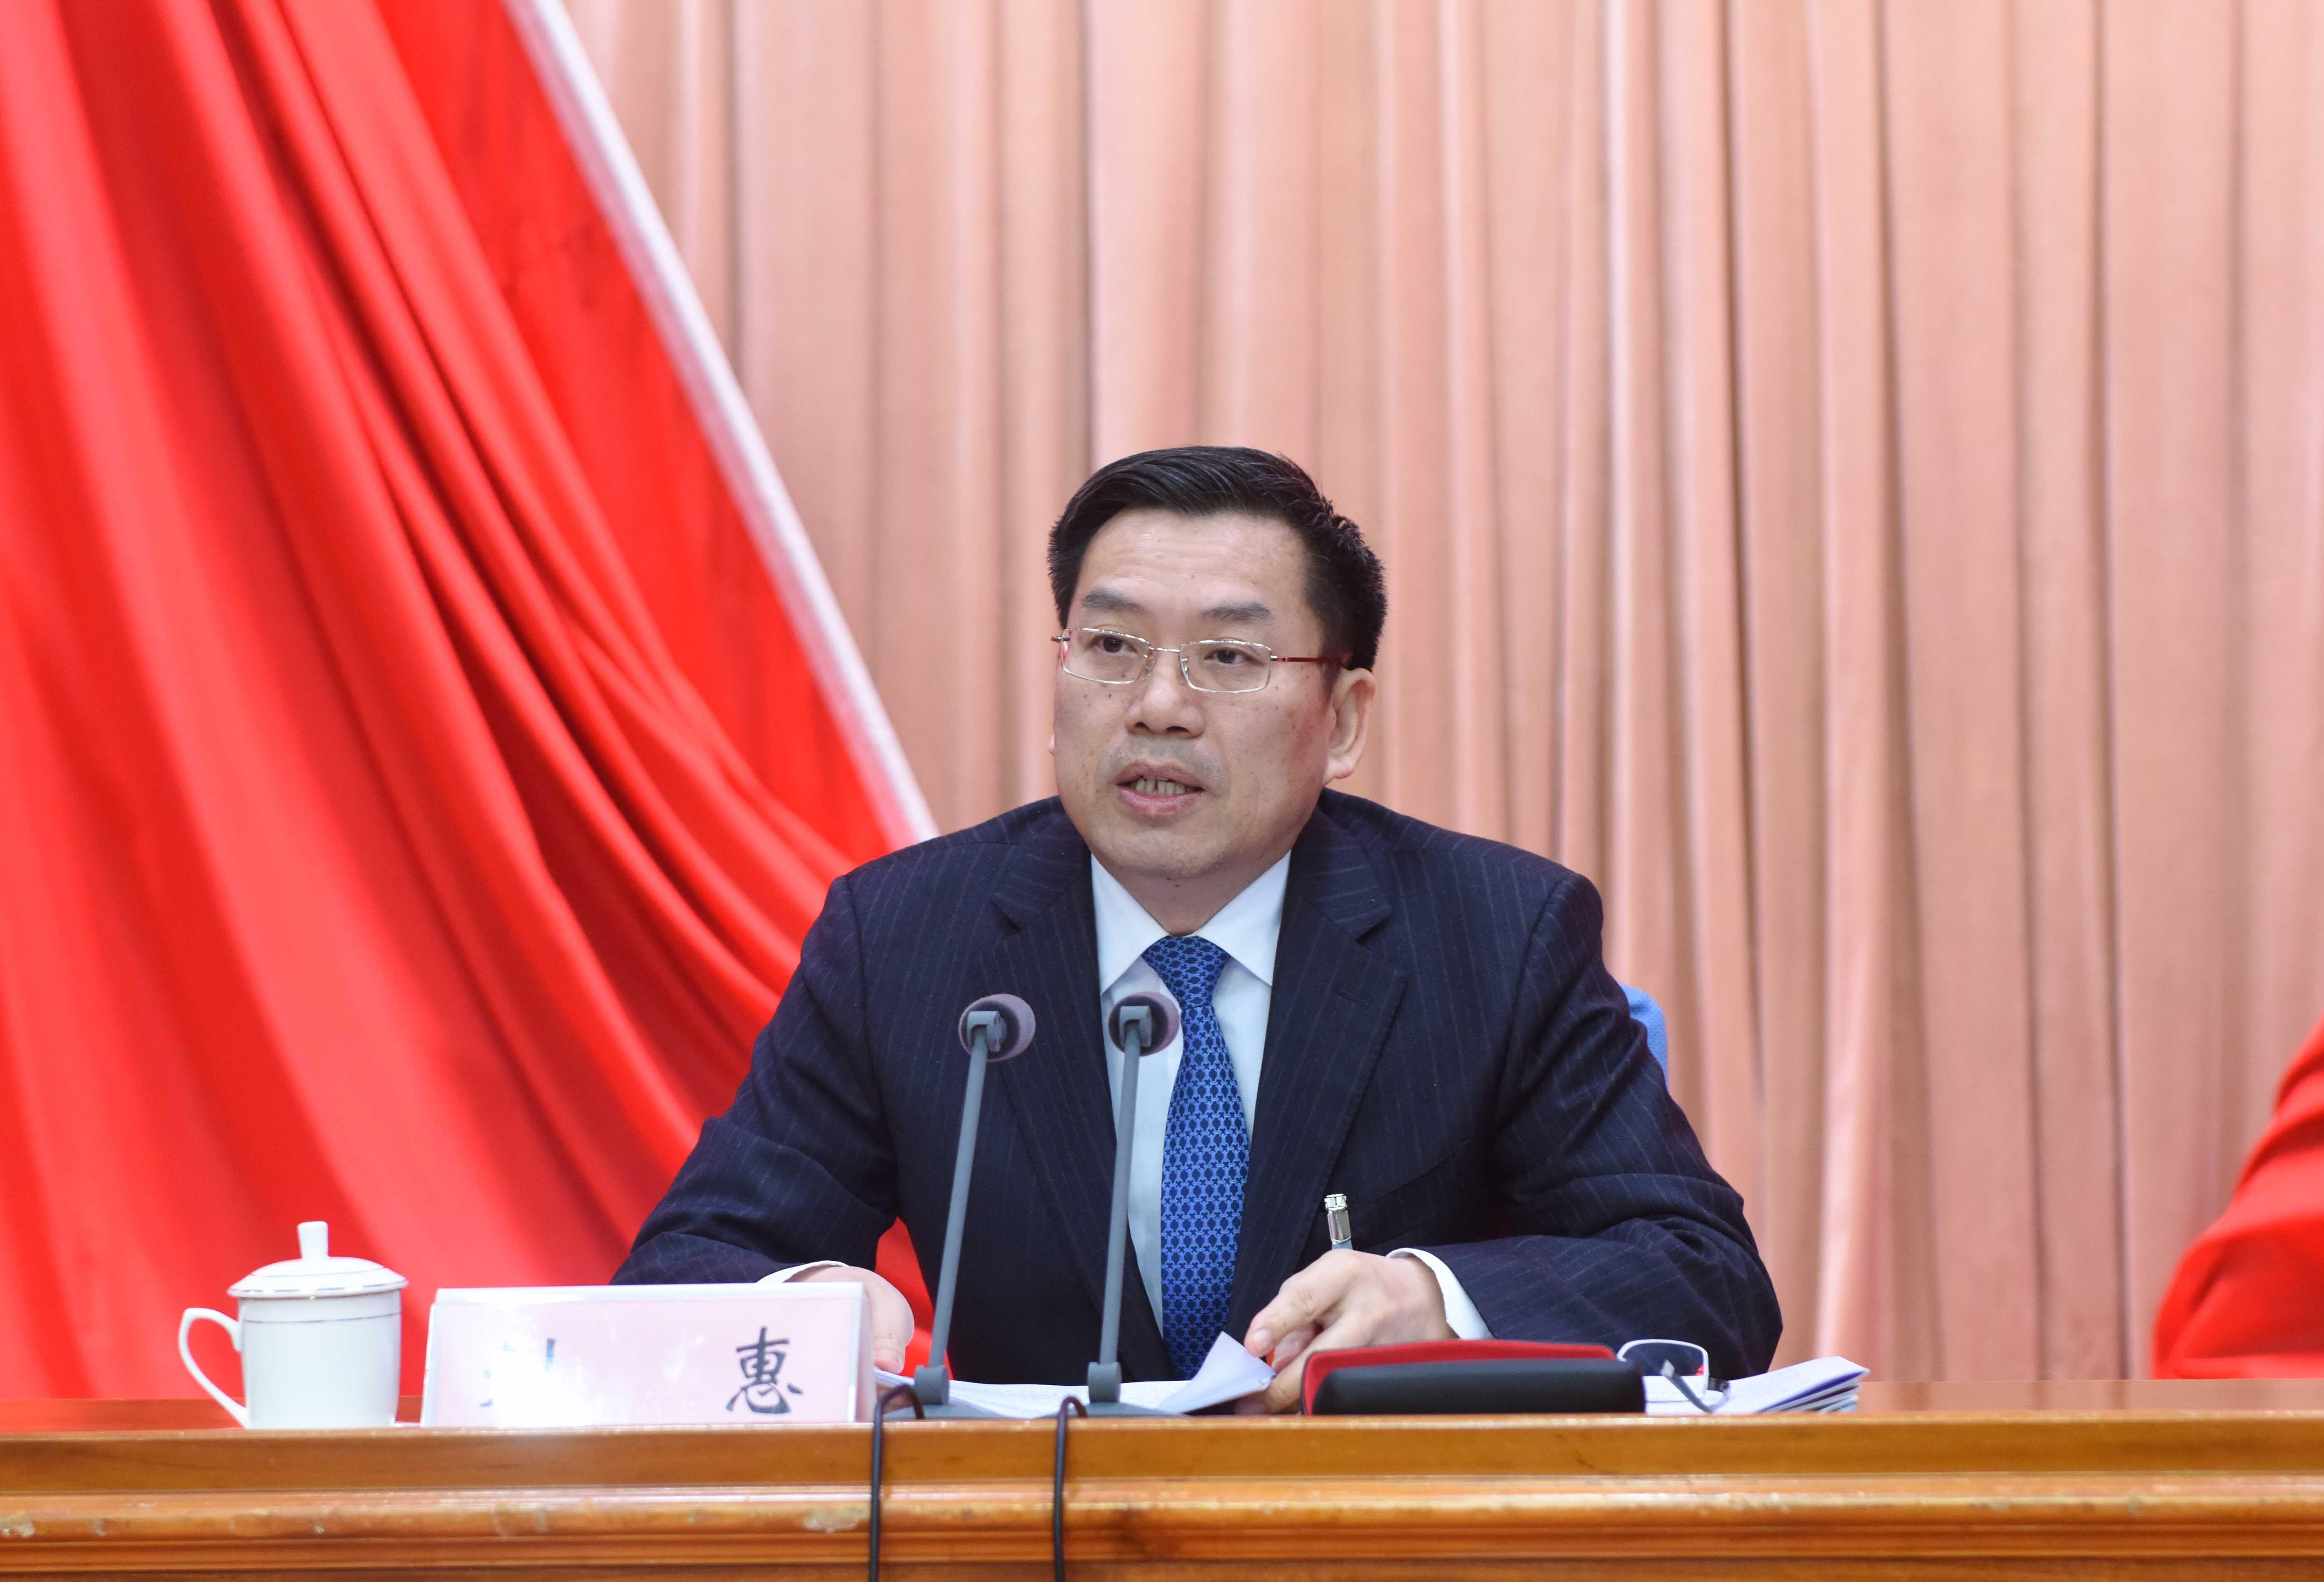 省紀委十屆五次全會舉行第二次大會 劉惠作工作報告